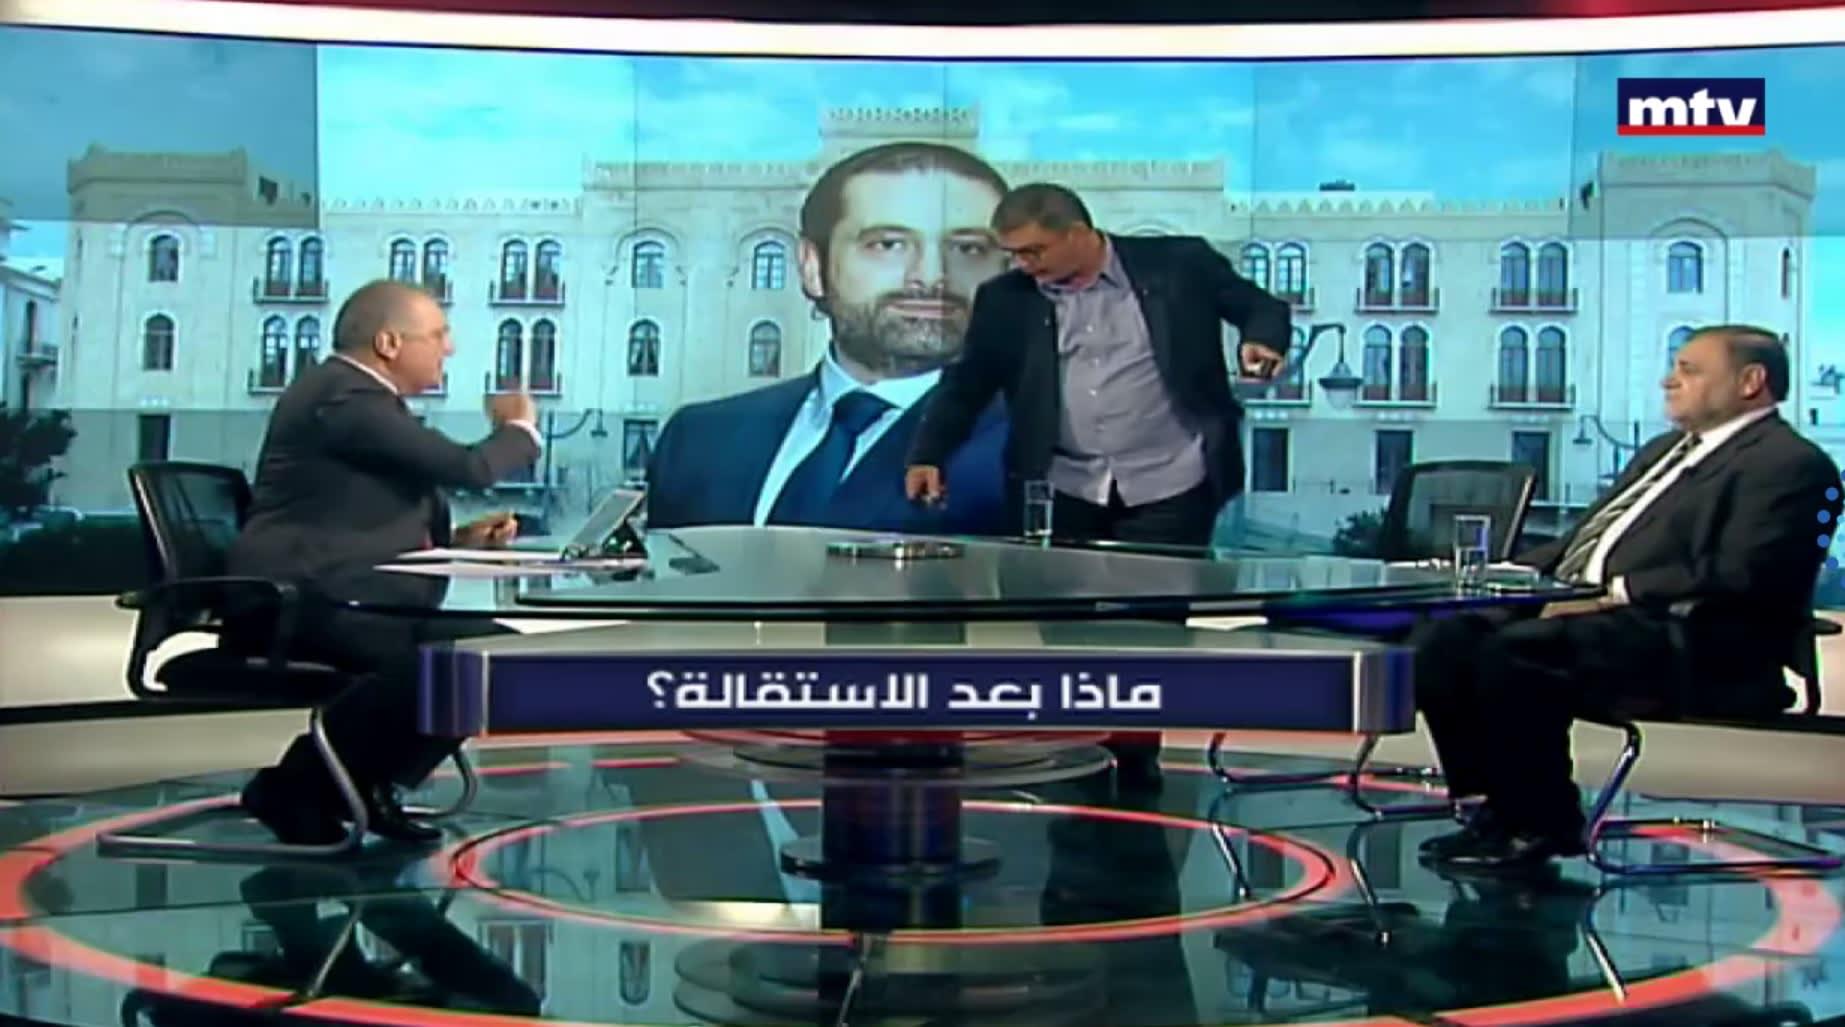 شاهد.. الإعلامي وليد عبود يطرد محللاً مقرباً من حزب الله استخدم كلمات نابية بحق الوزير السعودي ثامر السبهان